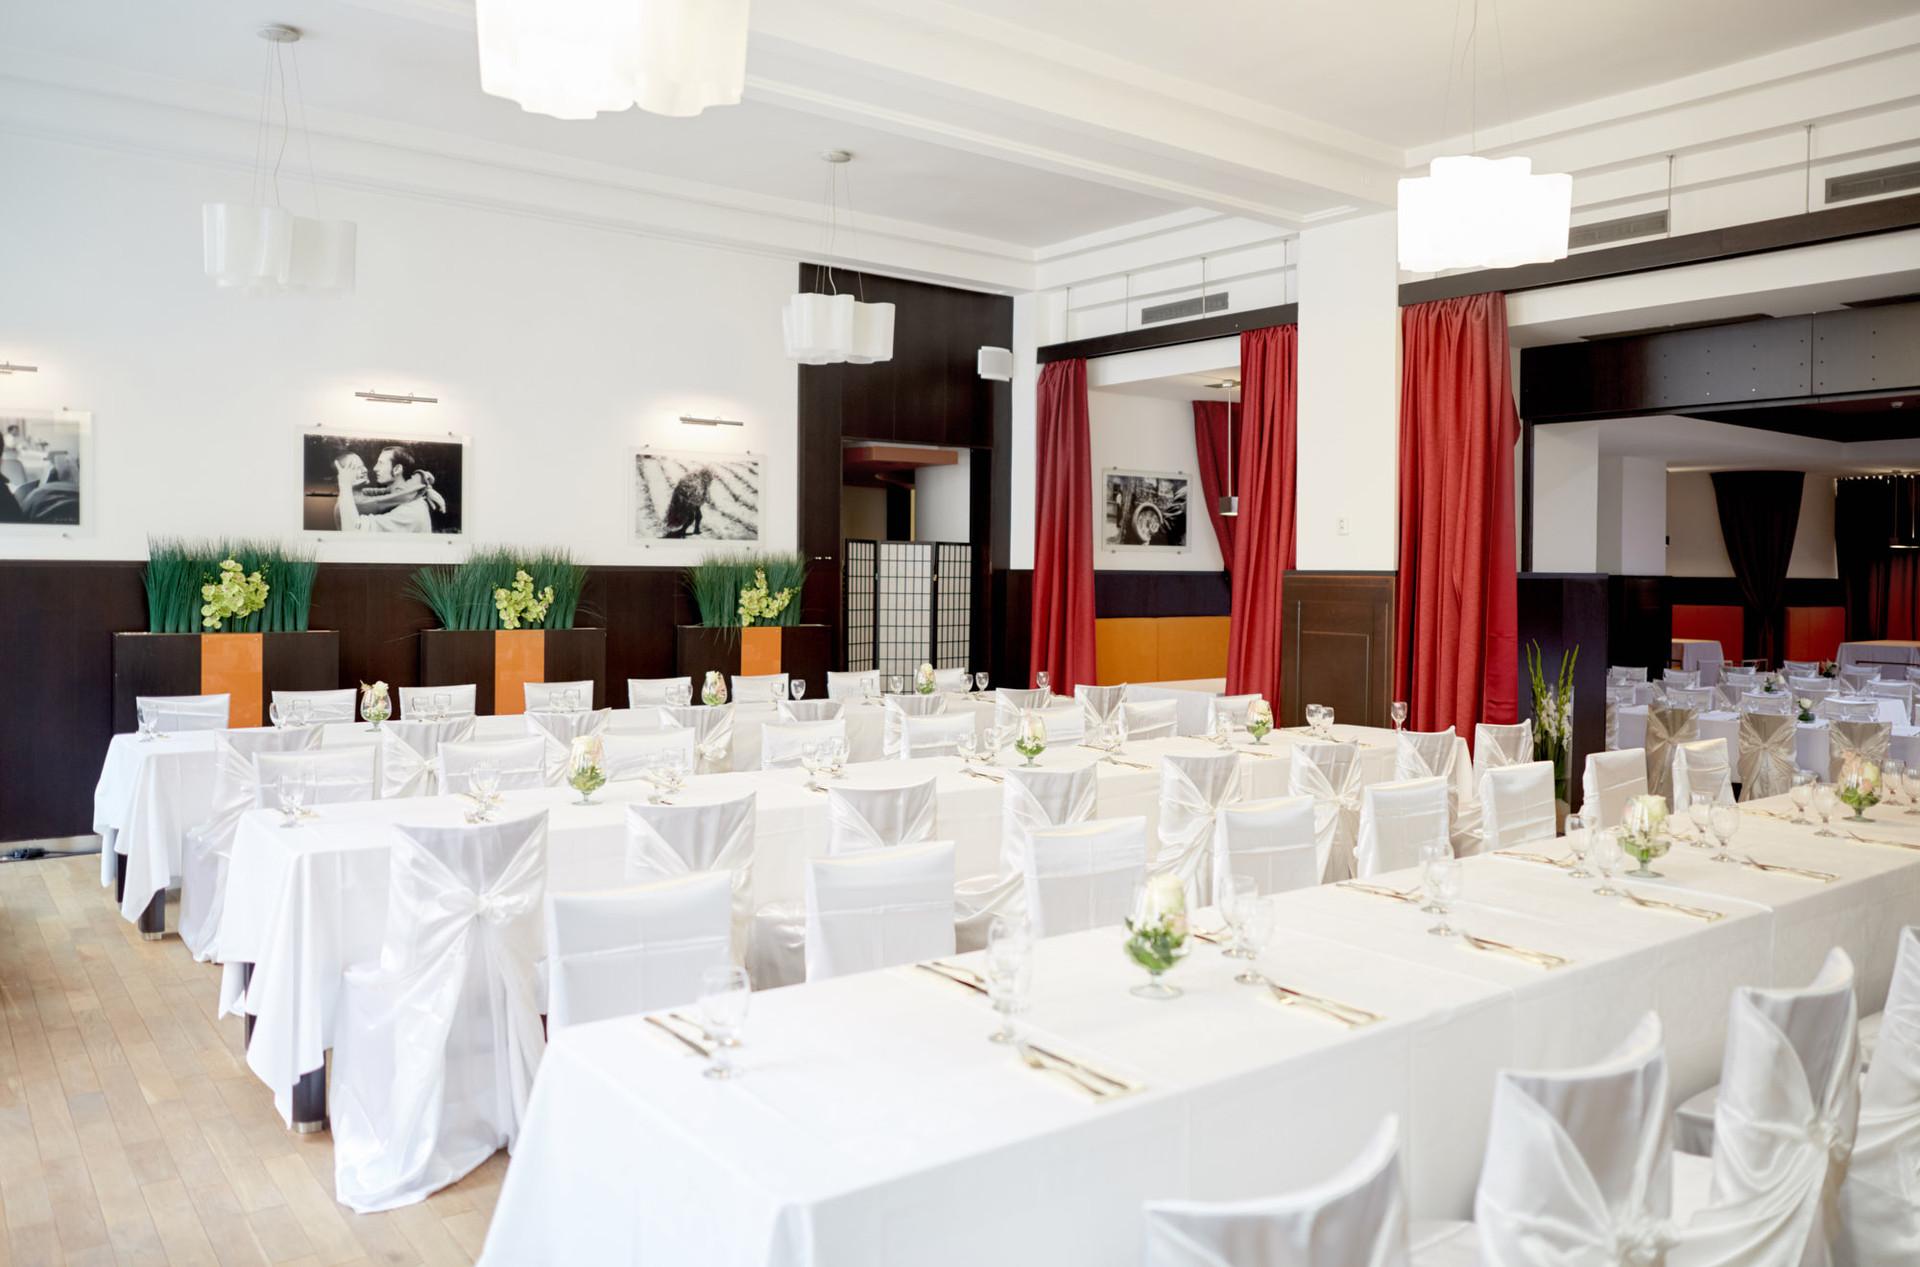 Radnicni-restaurace-catering 15.jpg